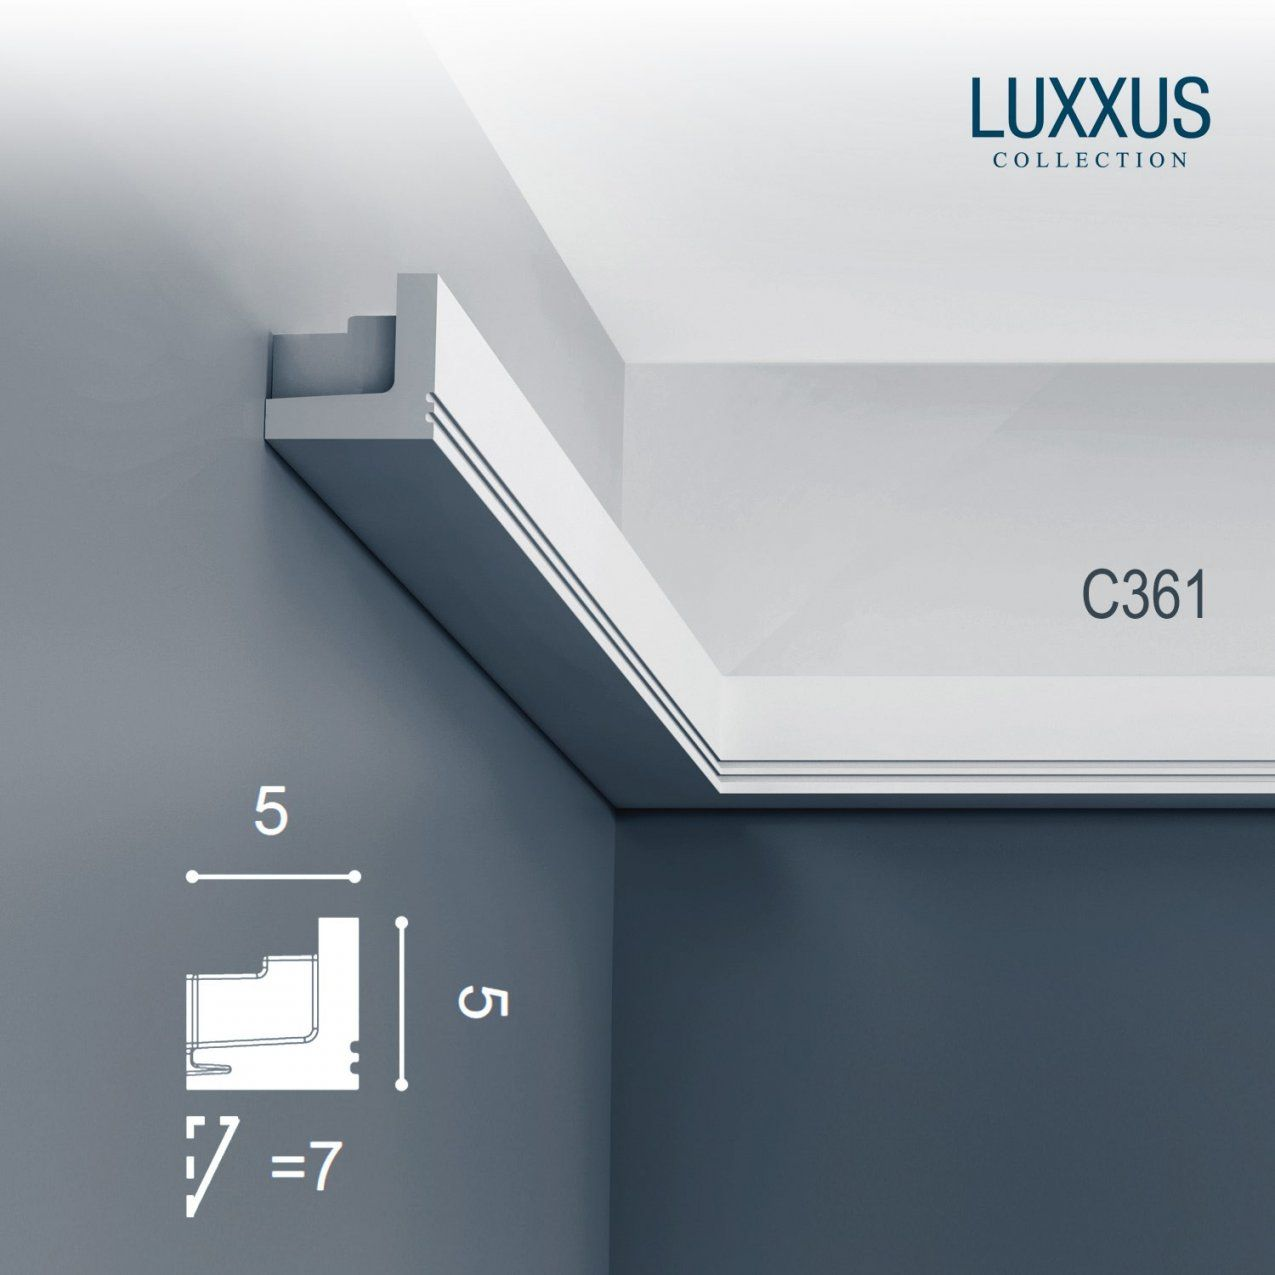 Orac Decor C361 Luxxus Profil Stuck Wand Zierleiste Indirekte von Stuckleiste Für Indirekte Beleuchtung Bild